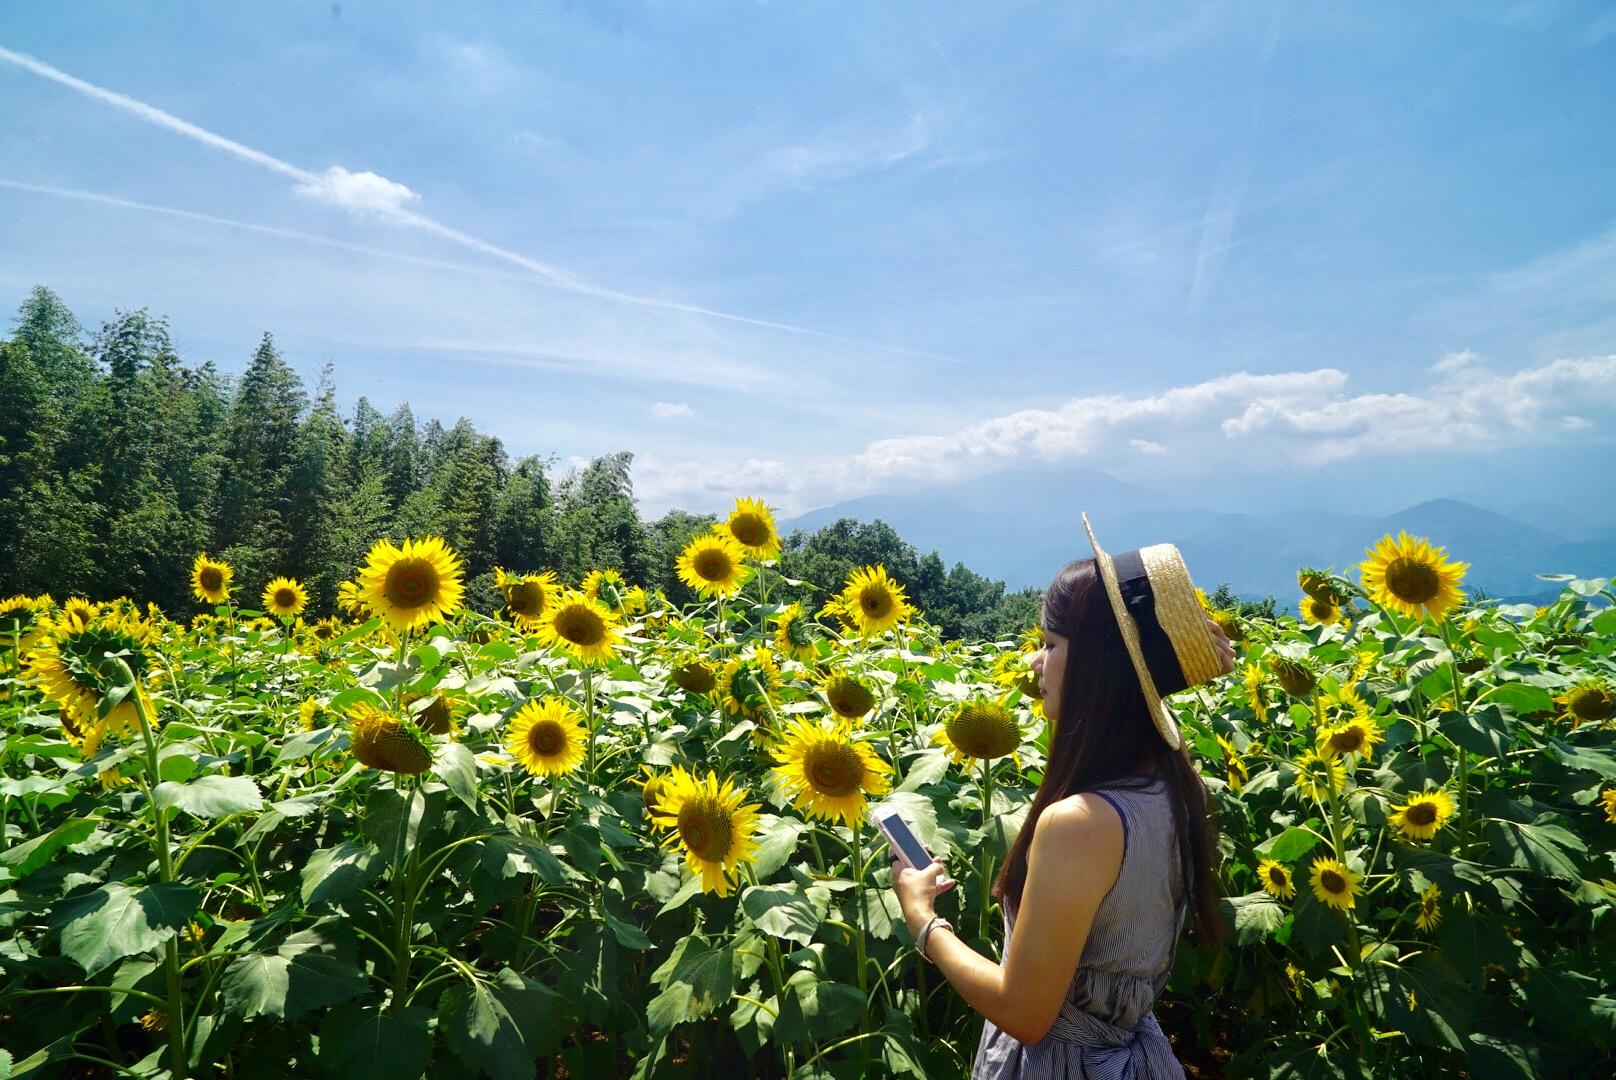 【まとめ】夏の絶景ポイント、山梨 明野ひまわり畑